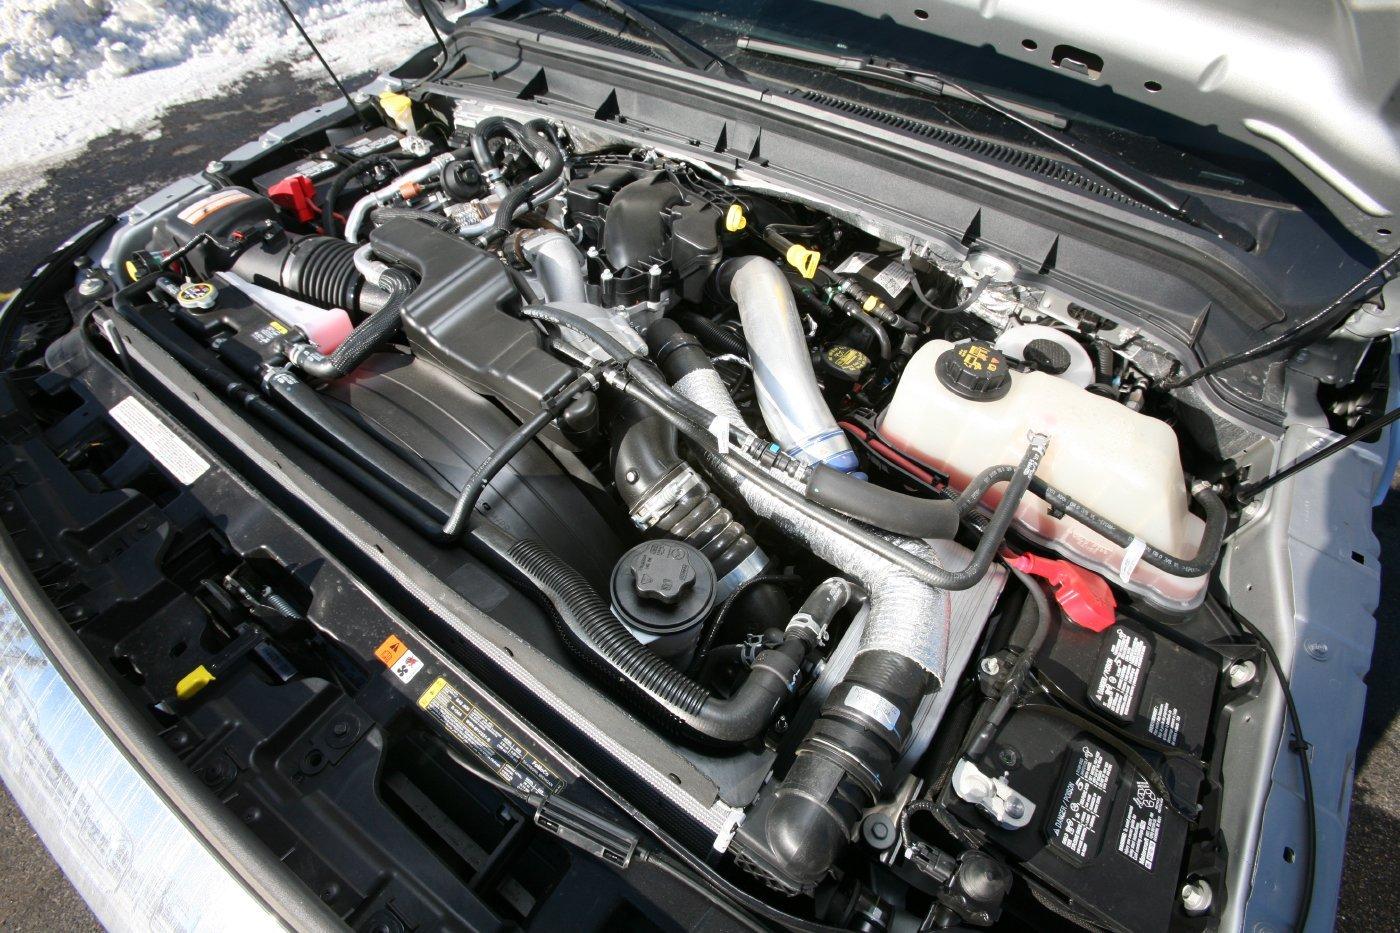 General Diesel Services - Dooleys Diabolical Diesel